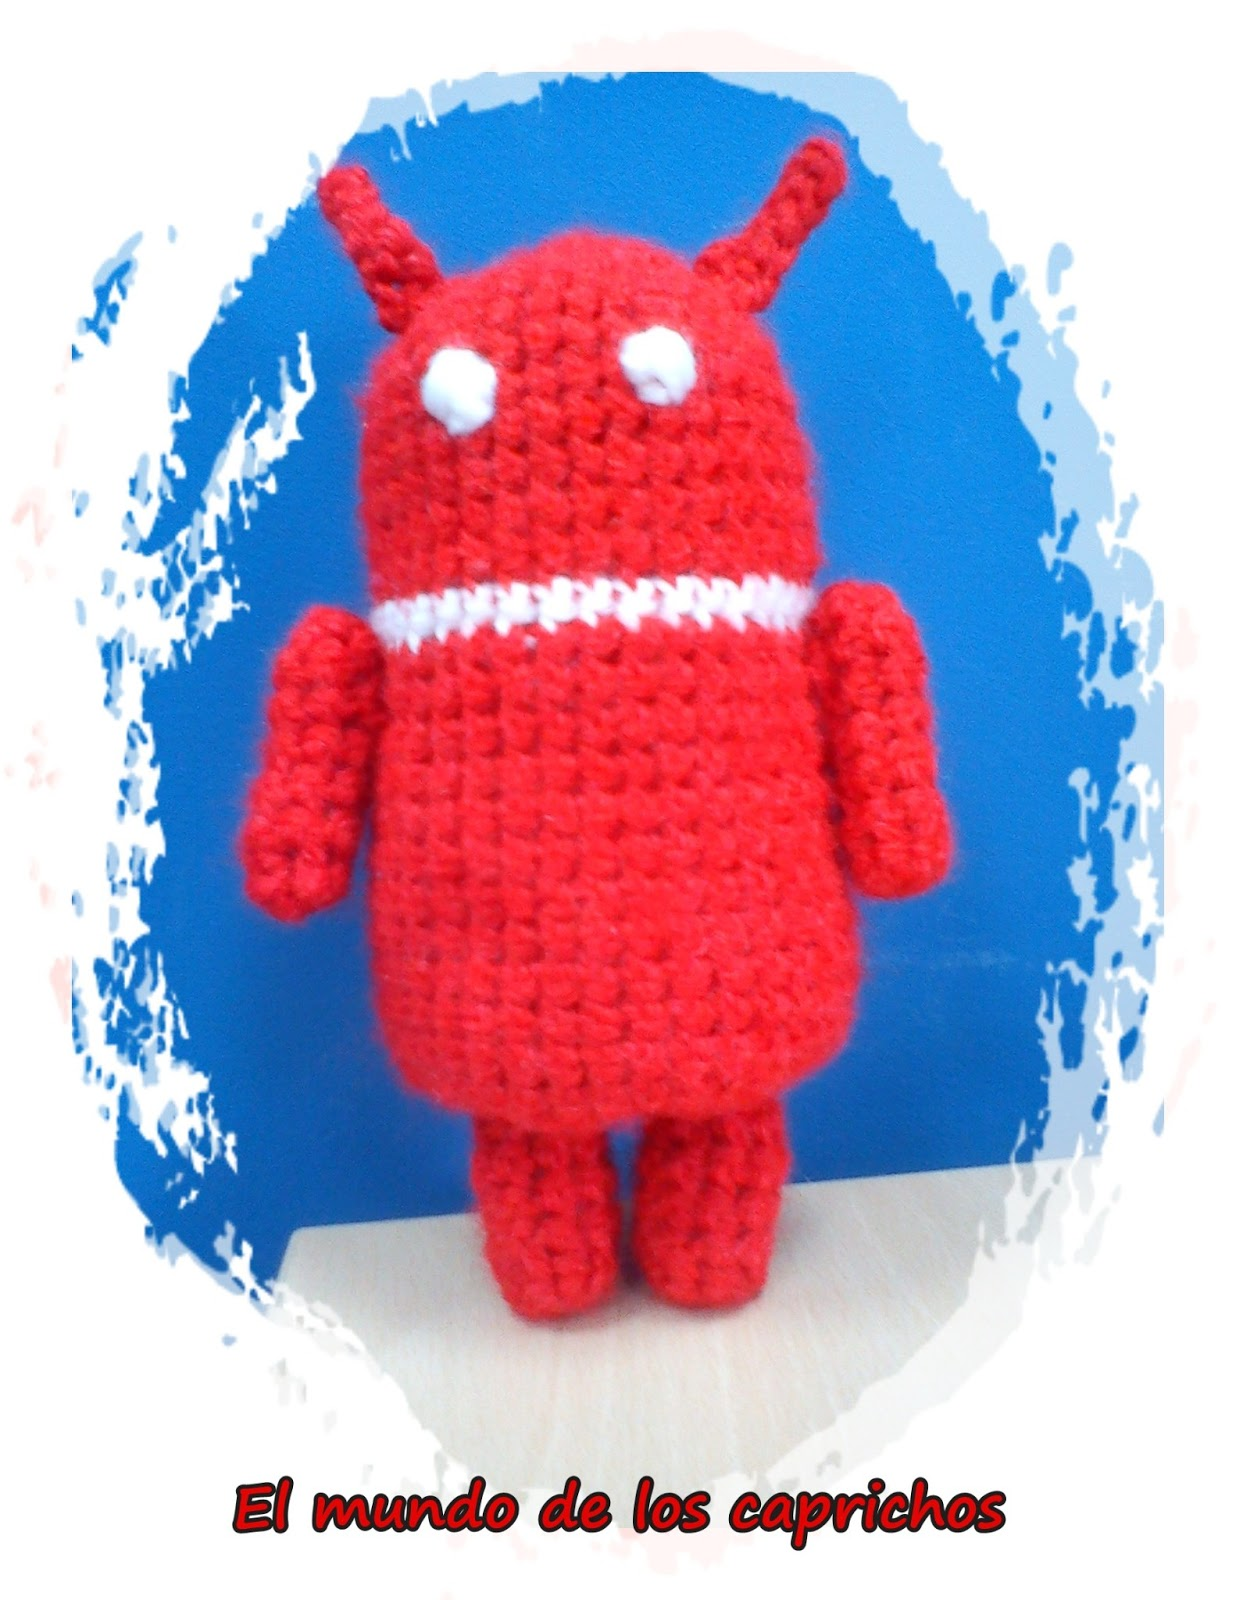 Cerdo Angry Birds Amigurumi : Amigurumis seta roja, cerdo angry birds y android. EL ...